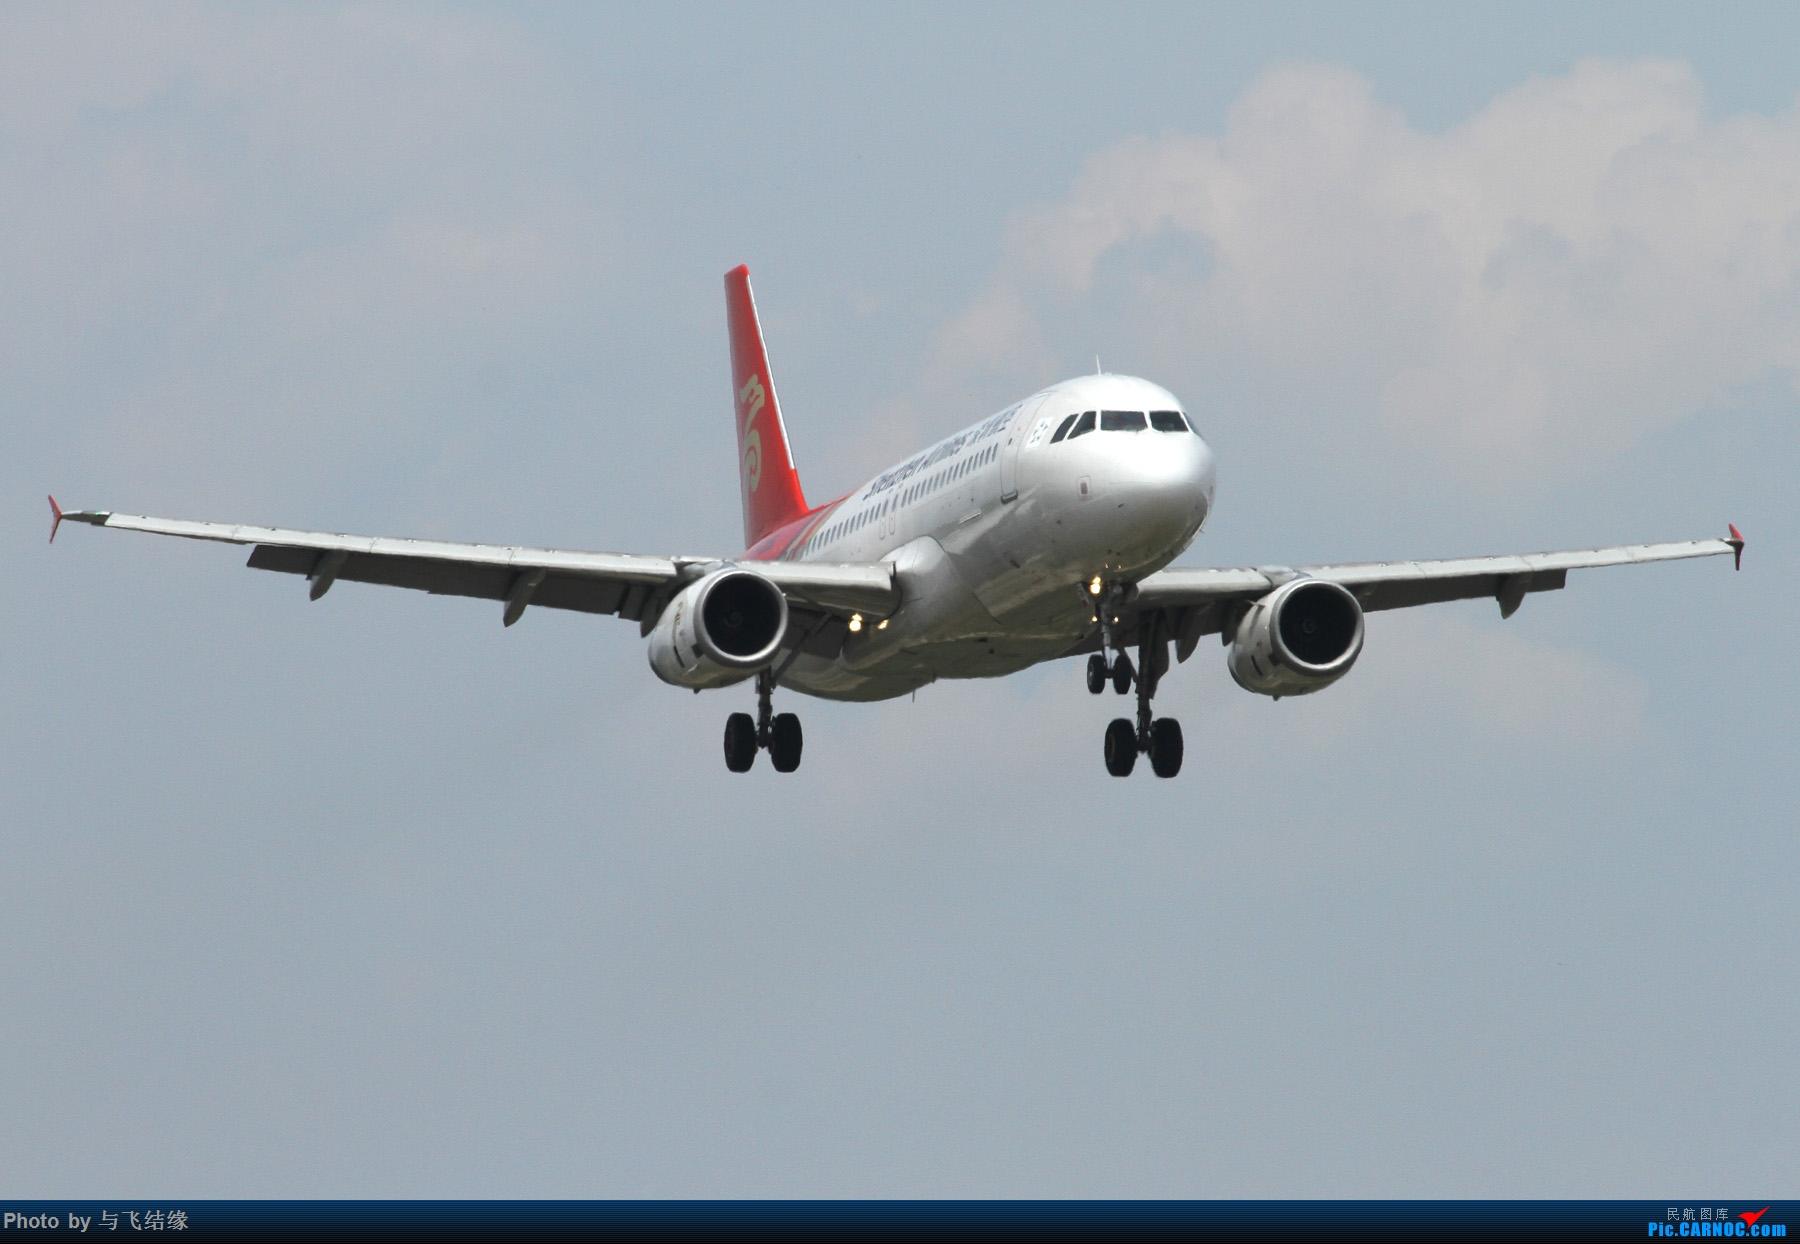 Re:[原创]3.20随便发几张空客320吧! AIRBUS A320-200 B-6740 中国北京首都国际机场